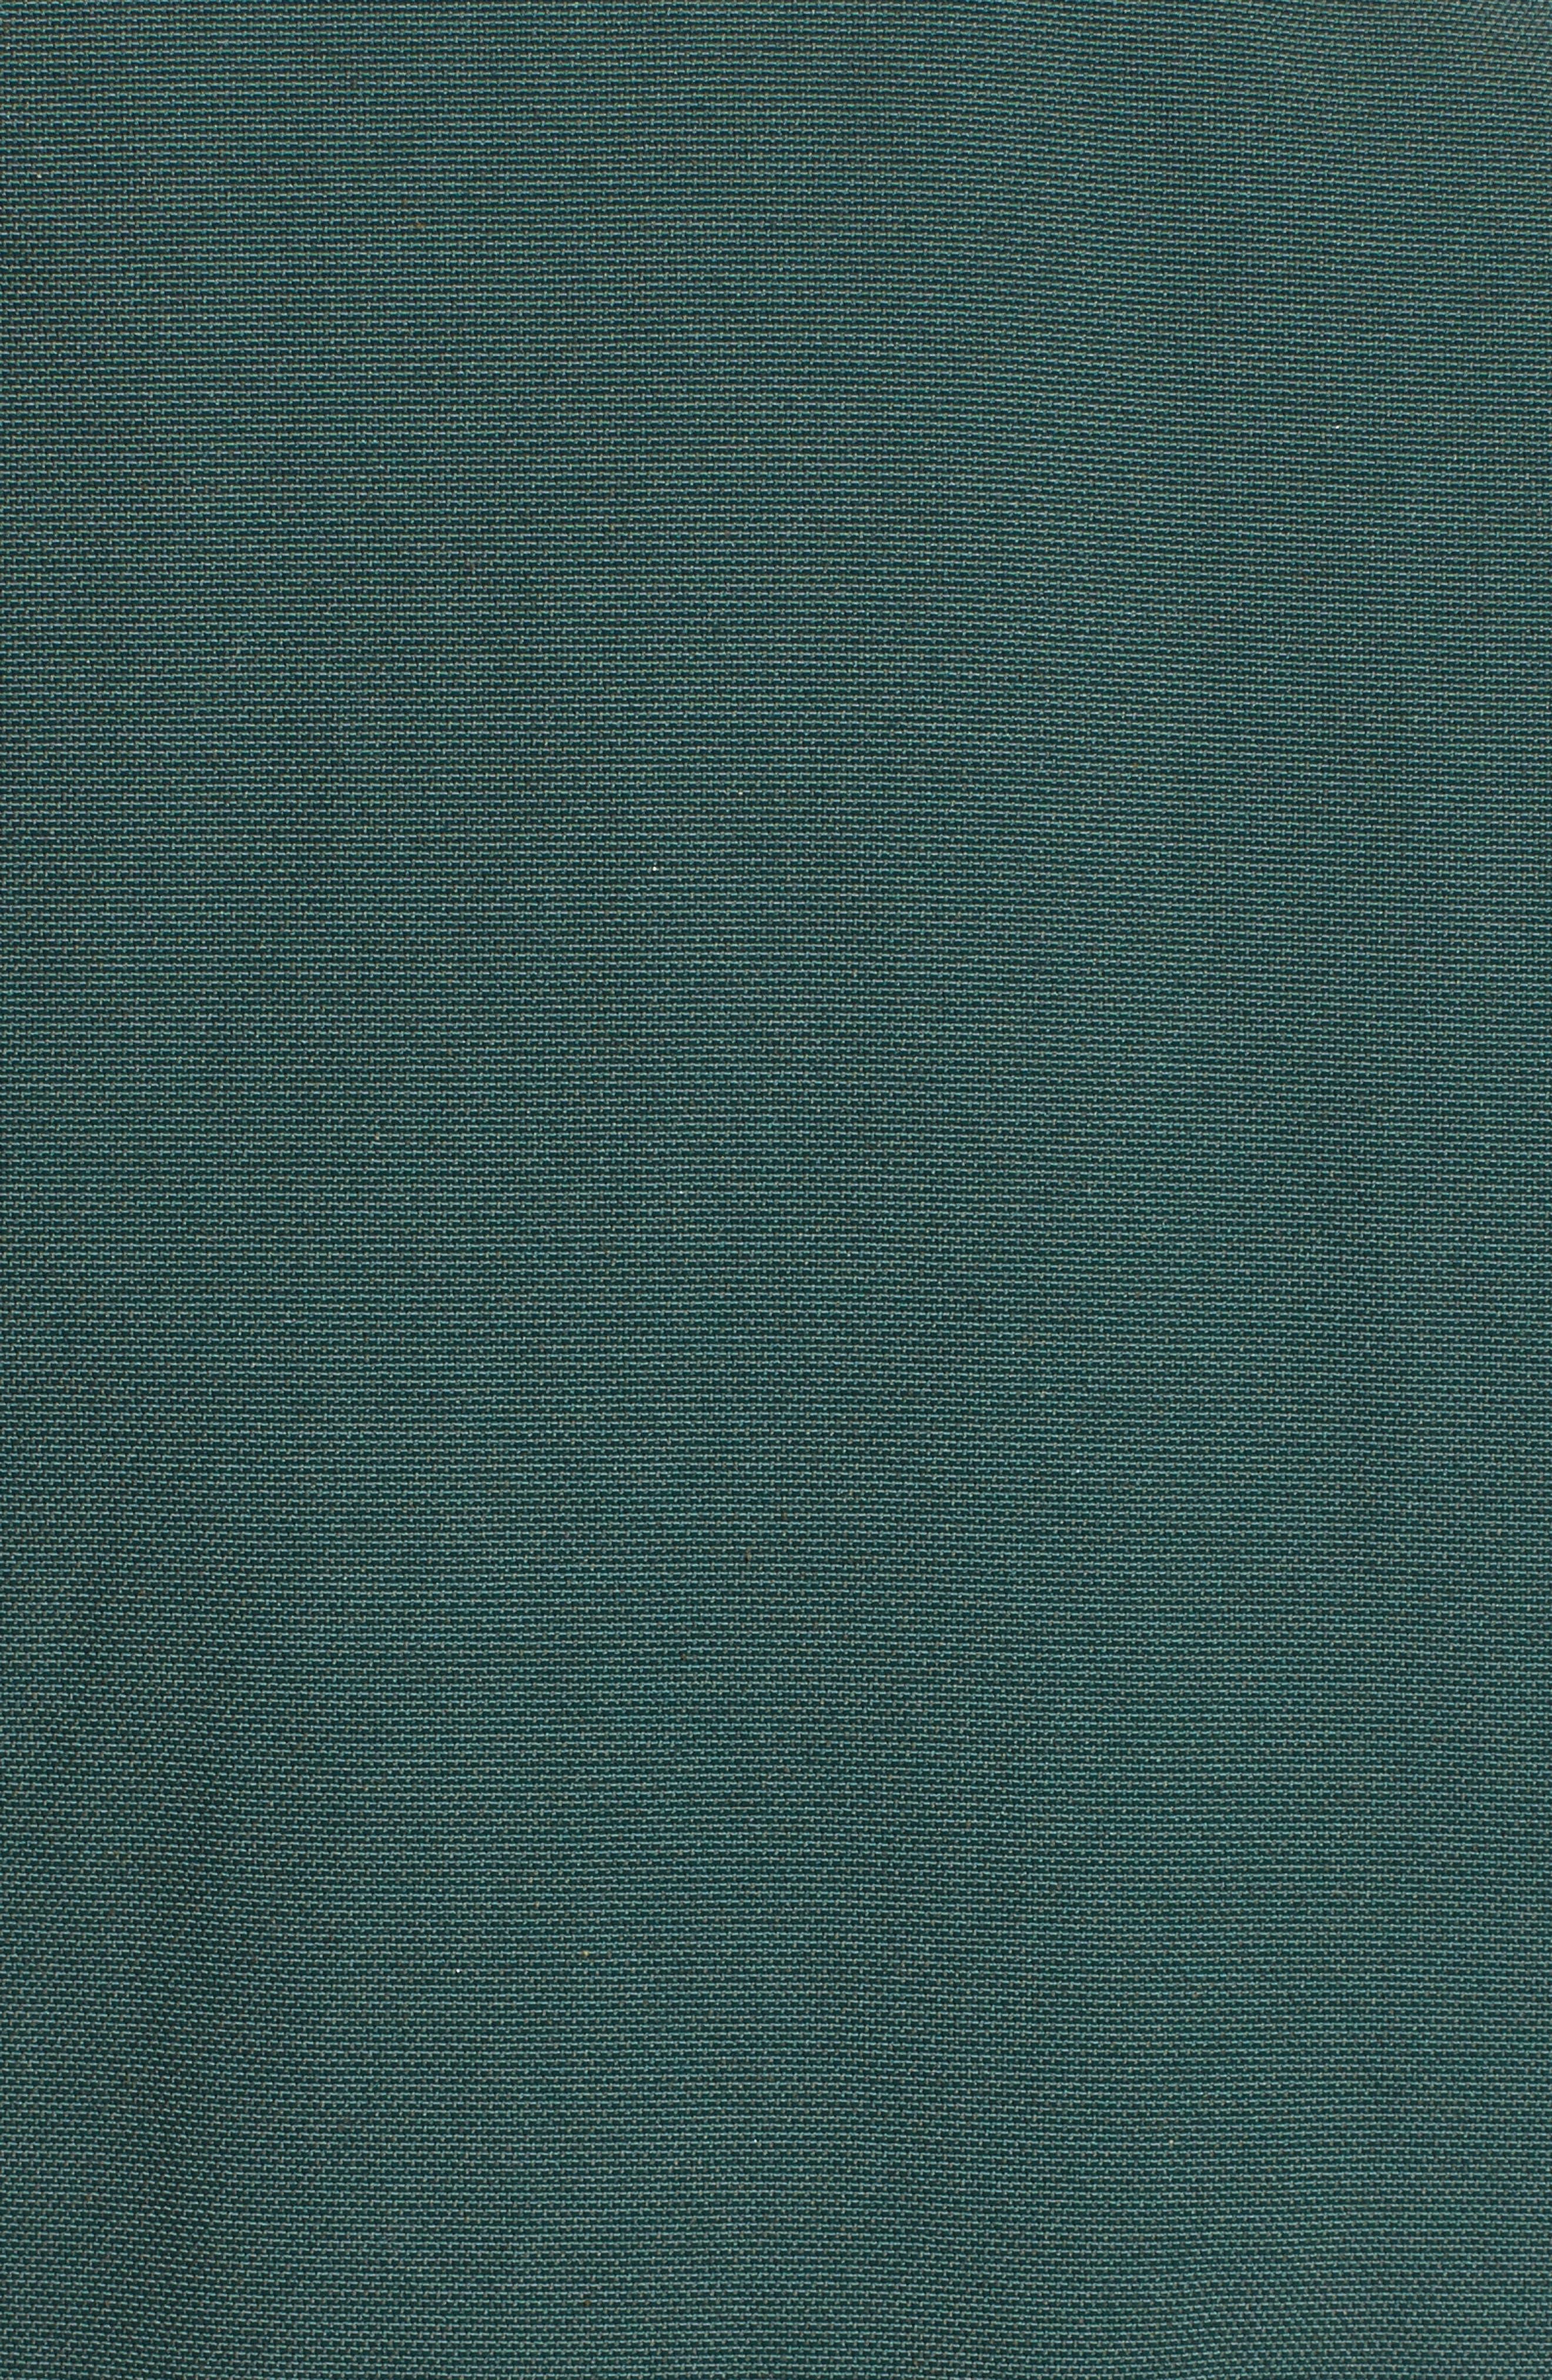 Patch Embellished Bomber Jacket,                             Alternate thumbnail 5, color,                             331